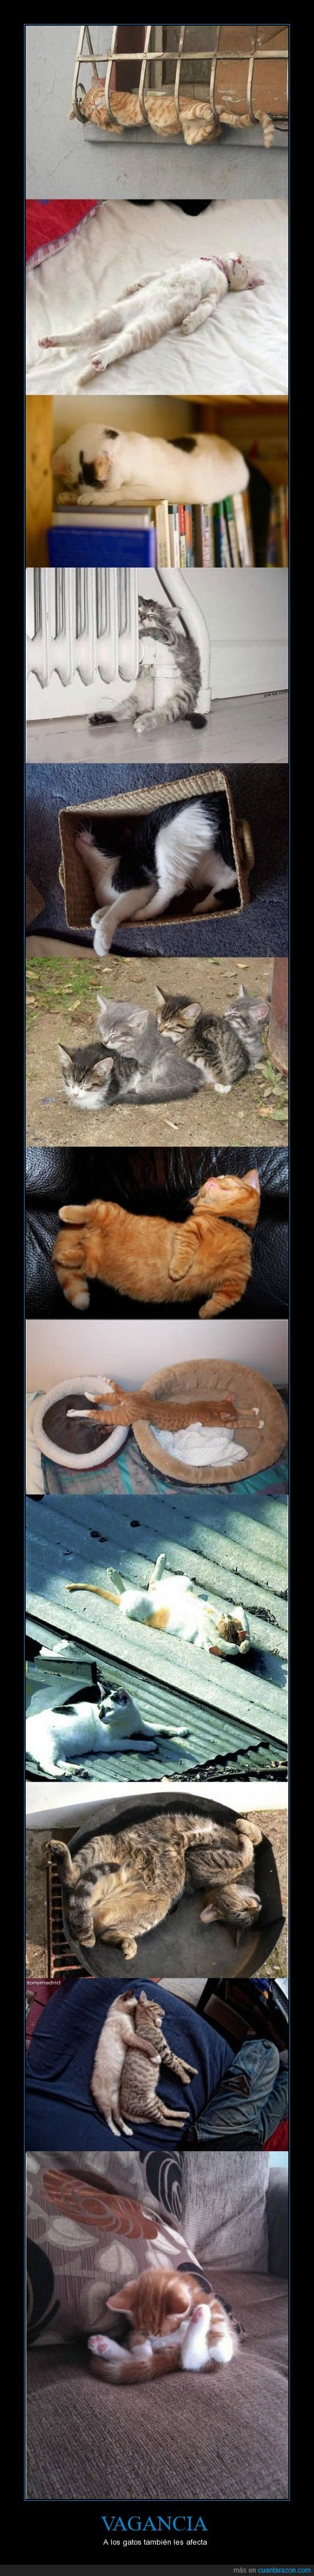 descanso,dormir,gatos,siesta,vagos,zzz